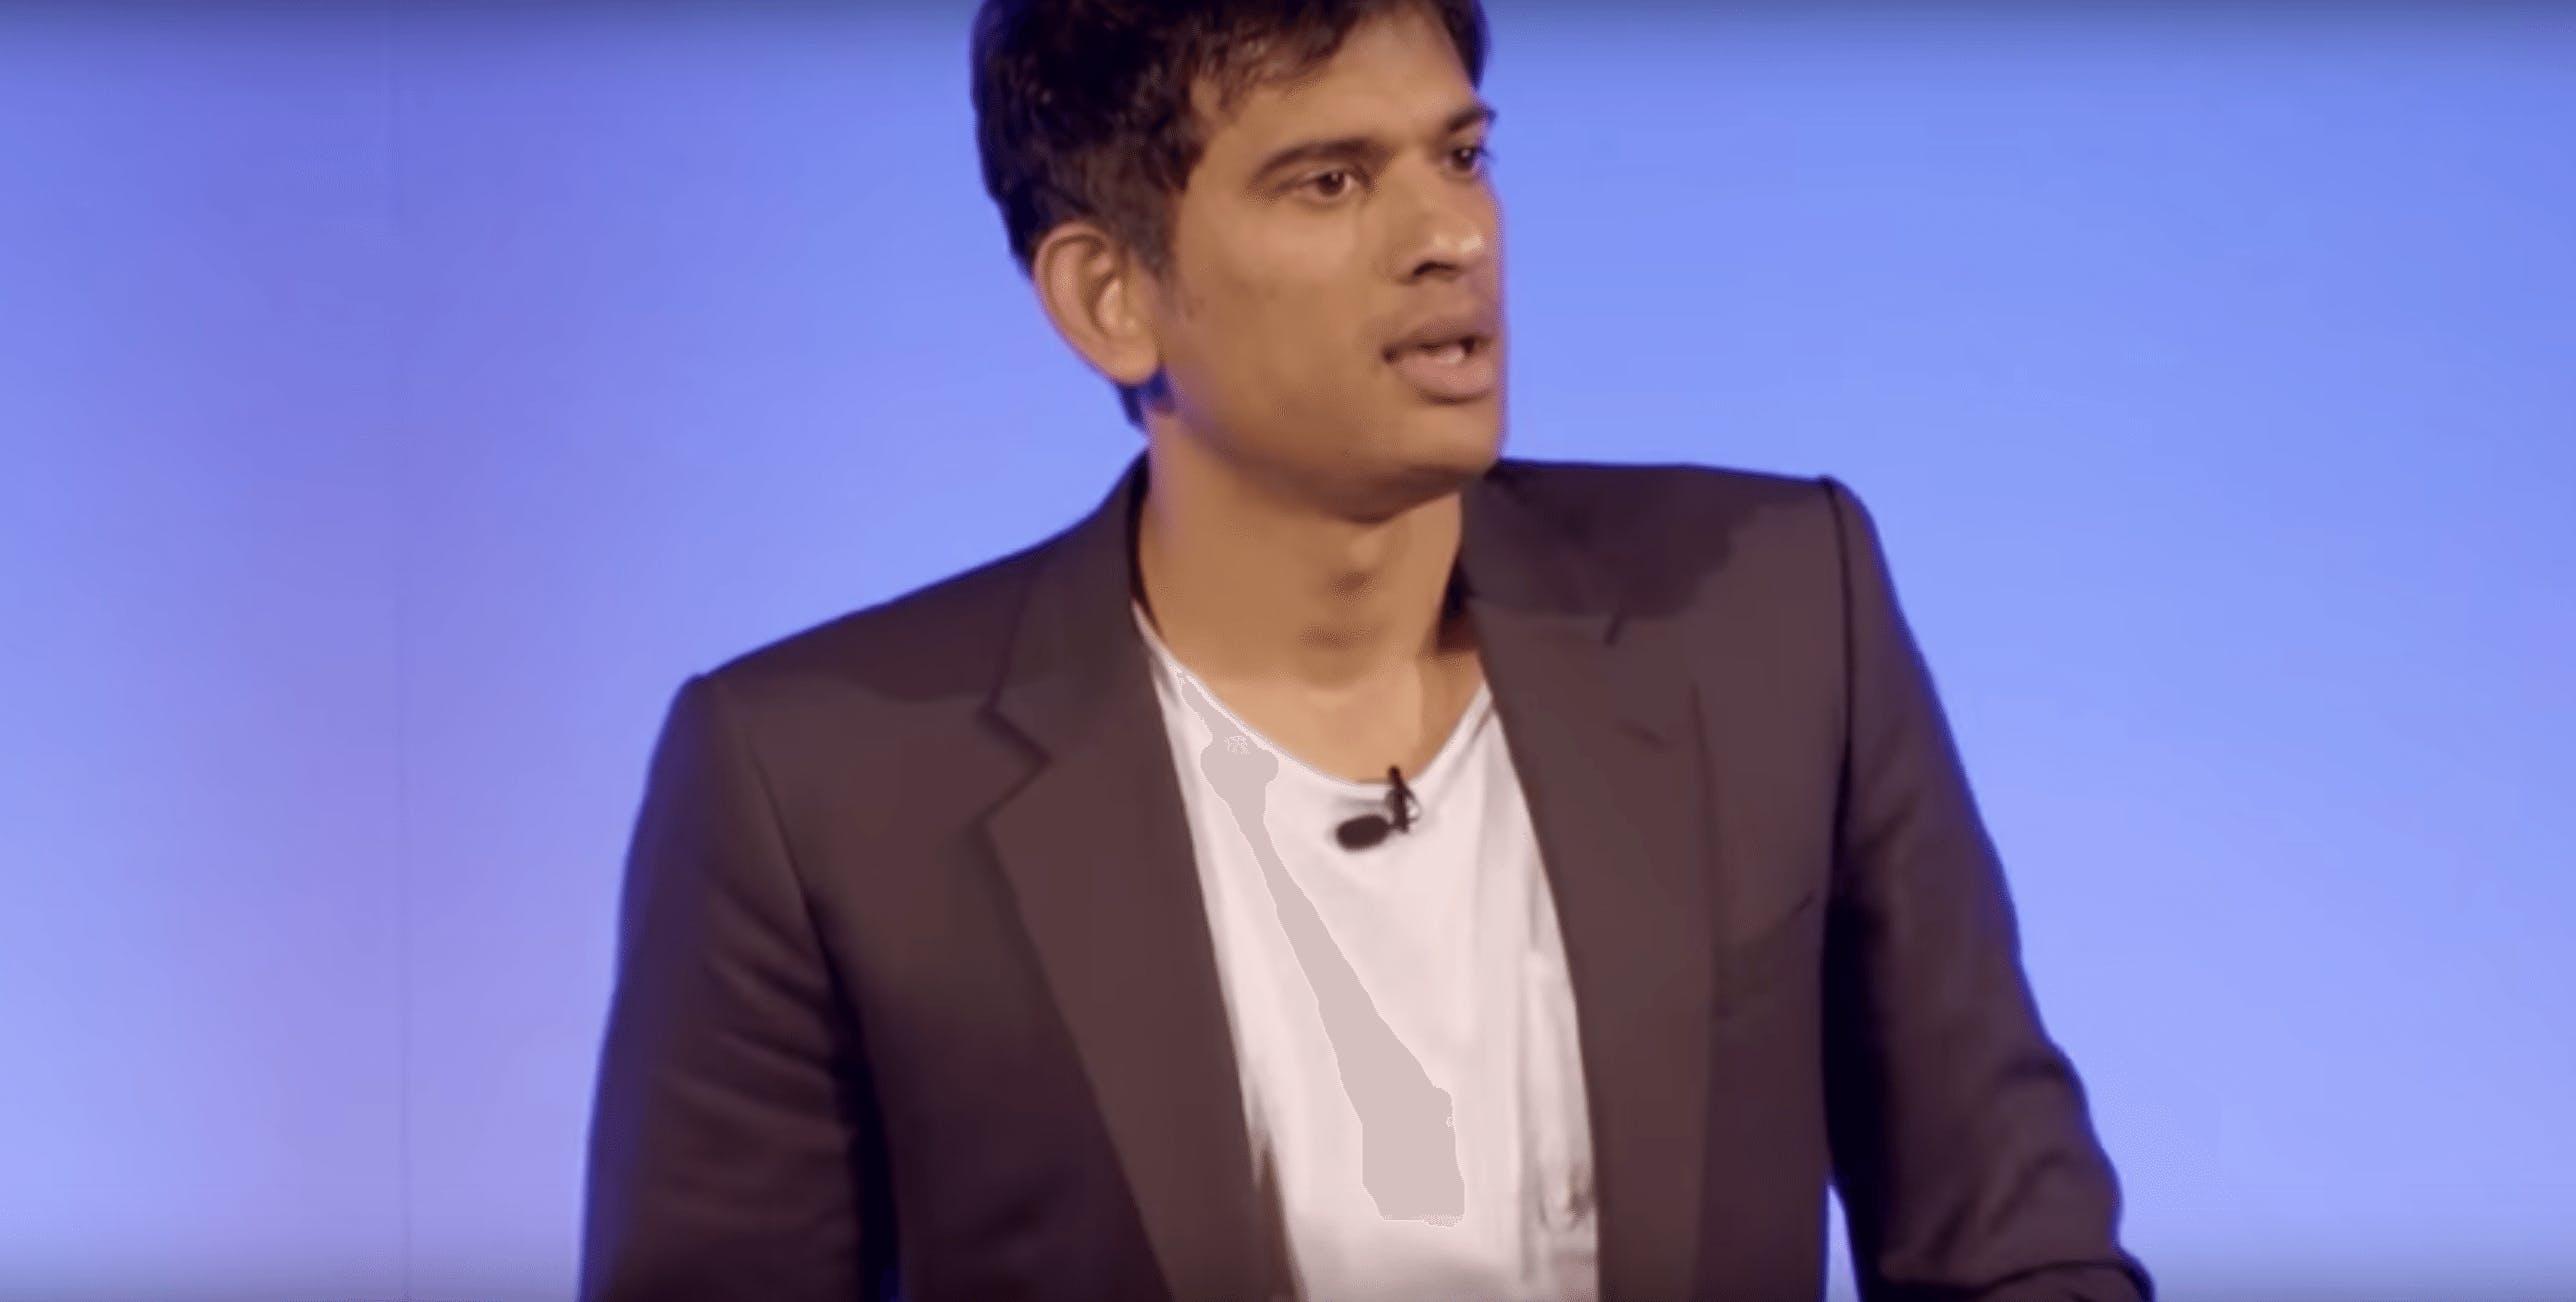 Hur man får <strong>sjukdomar att försvinna</strong> – drChatterjees fantastiska TEDx-föreläsning